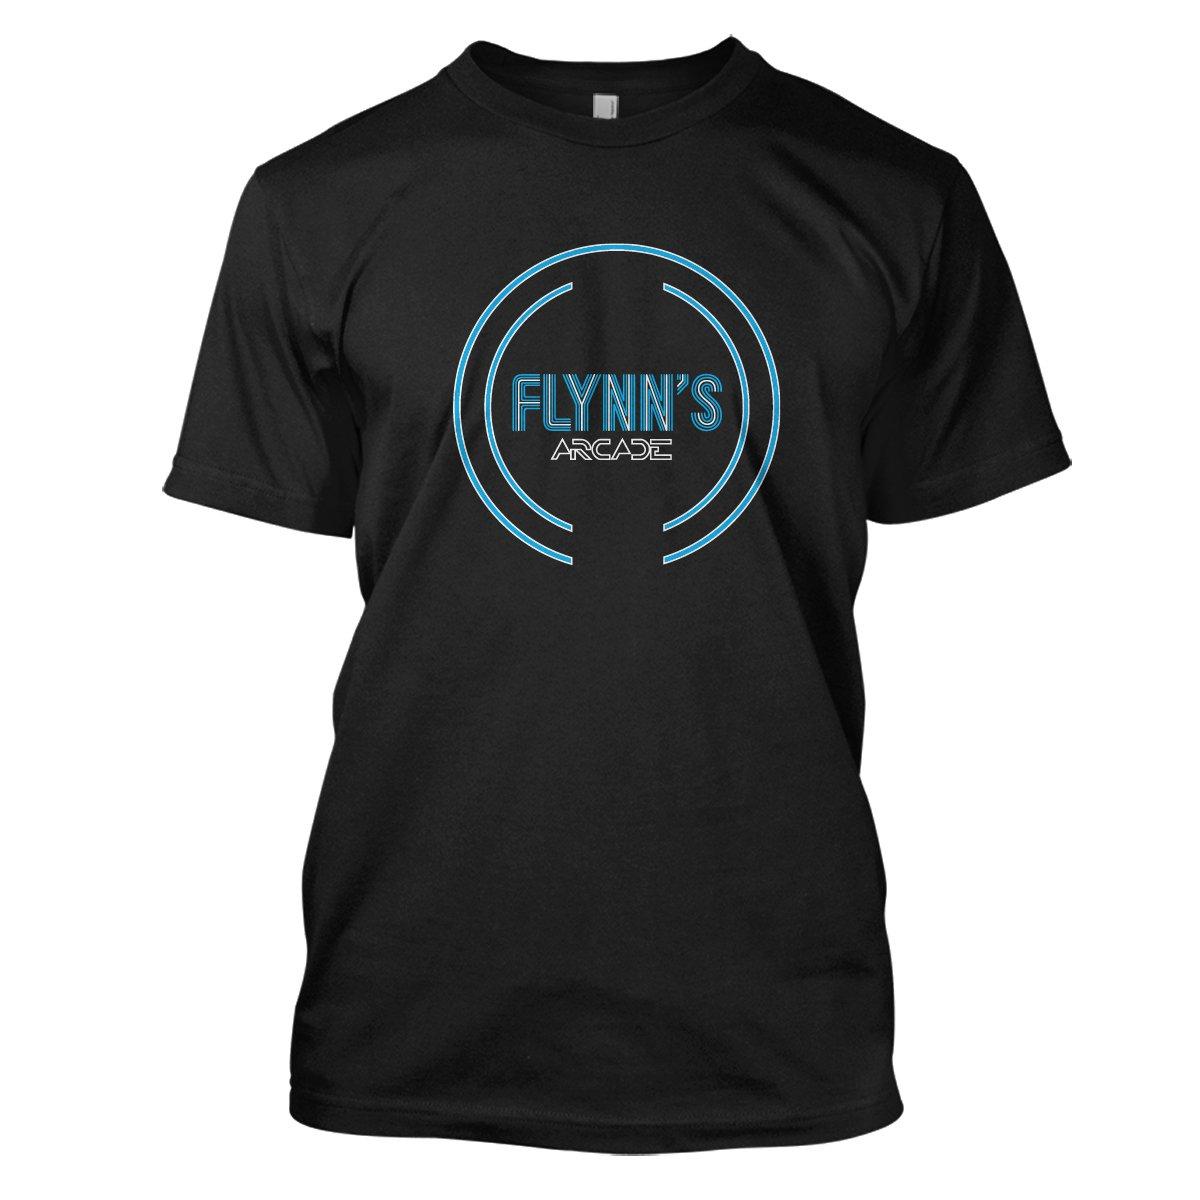 Tron: Flynn's Arcade Mens Movie T-Shirt Medium Black